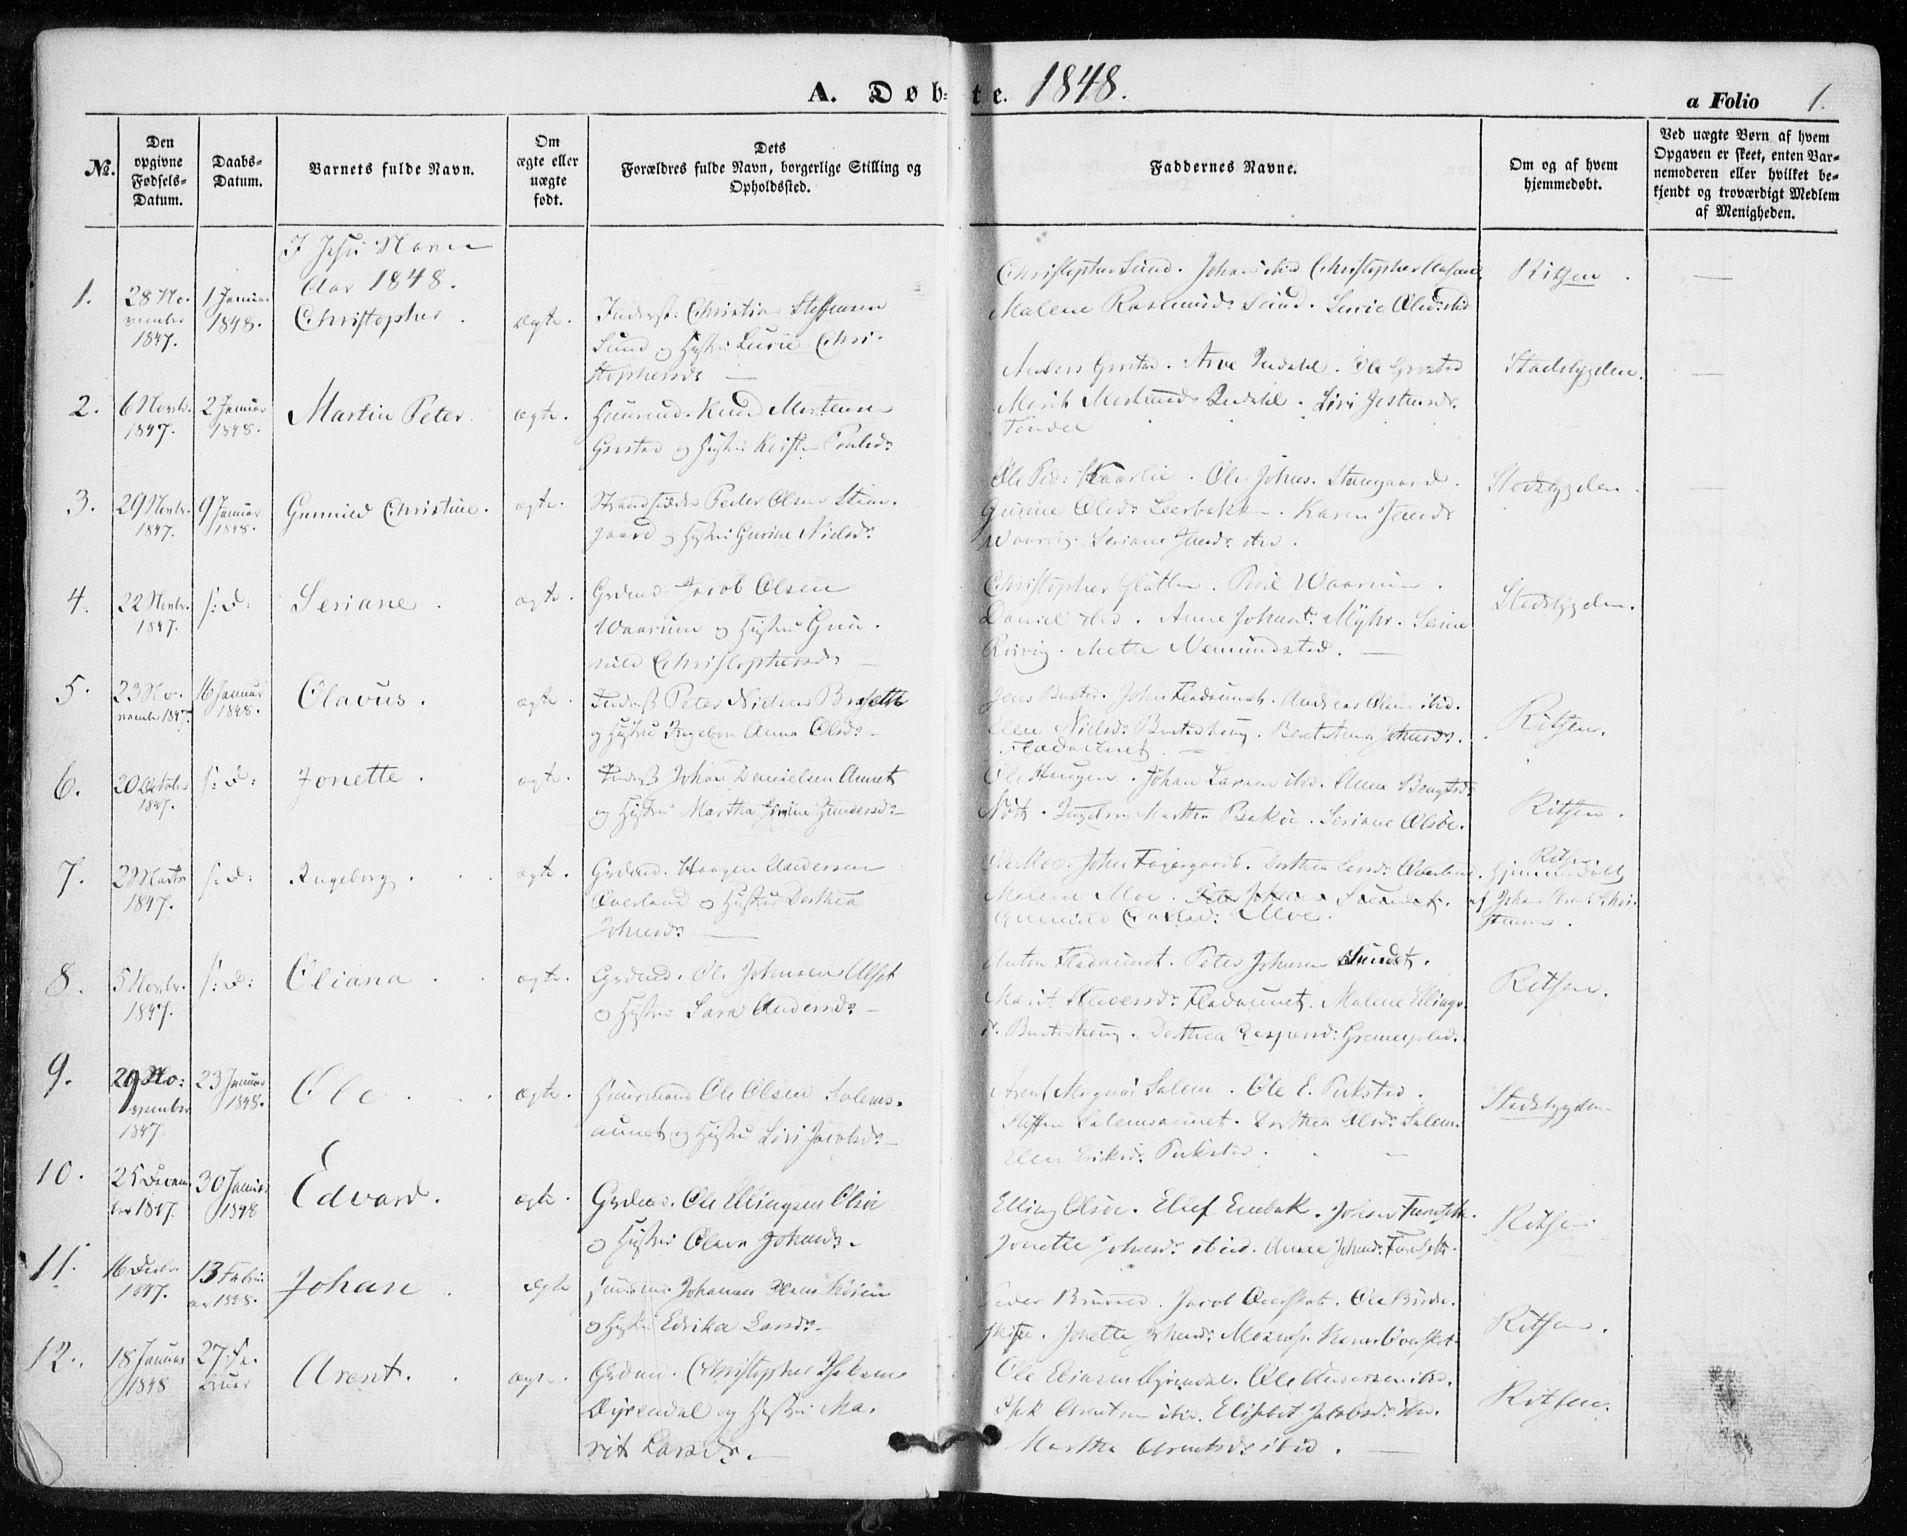 SAT, Ministerialprotokoller, klokkerbøker og fødselsregistre - Sør-Trøndelag, 646/L0611: Ministerialbok nr. 646A09, 1848-1857, s. 1